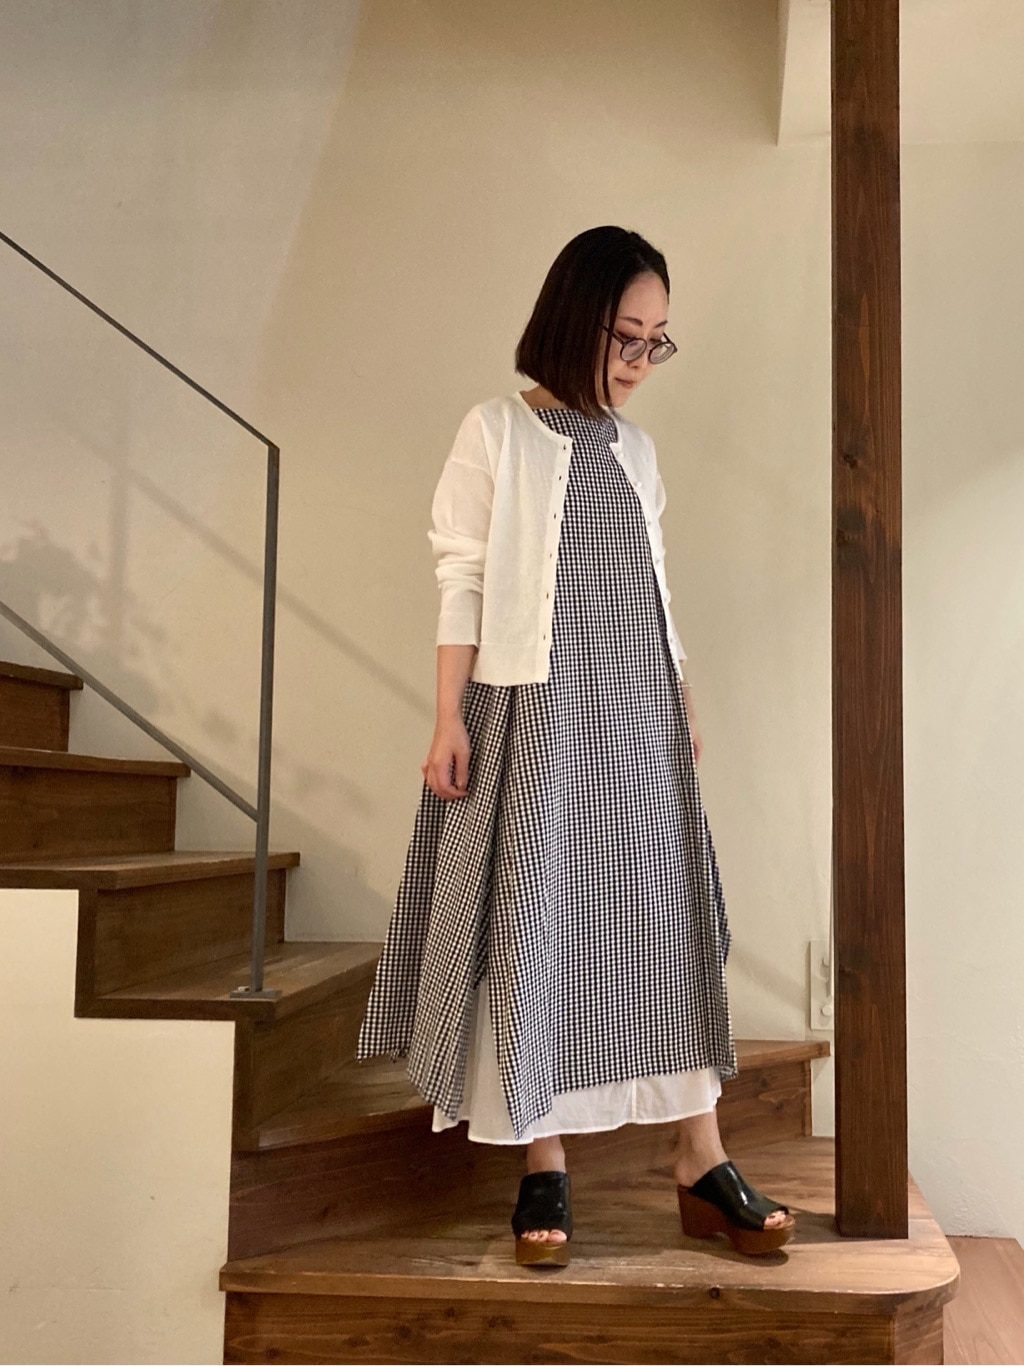 yuni 京都路面 身長:152cm 2021.06.07